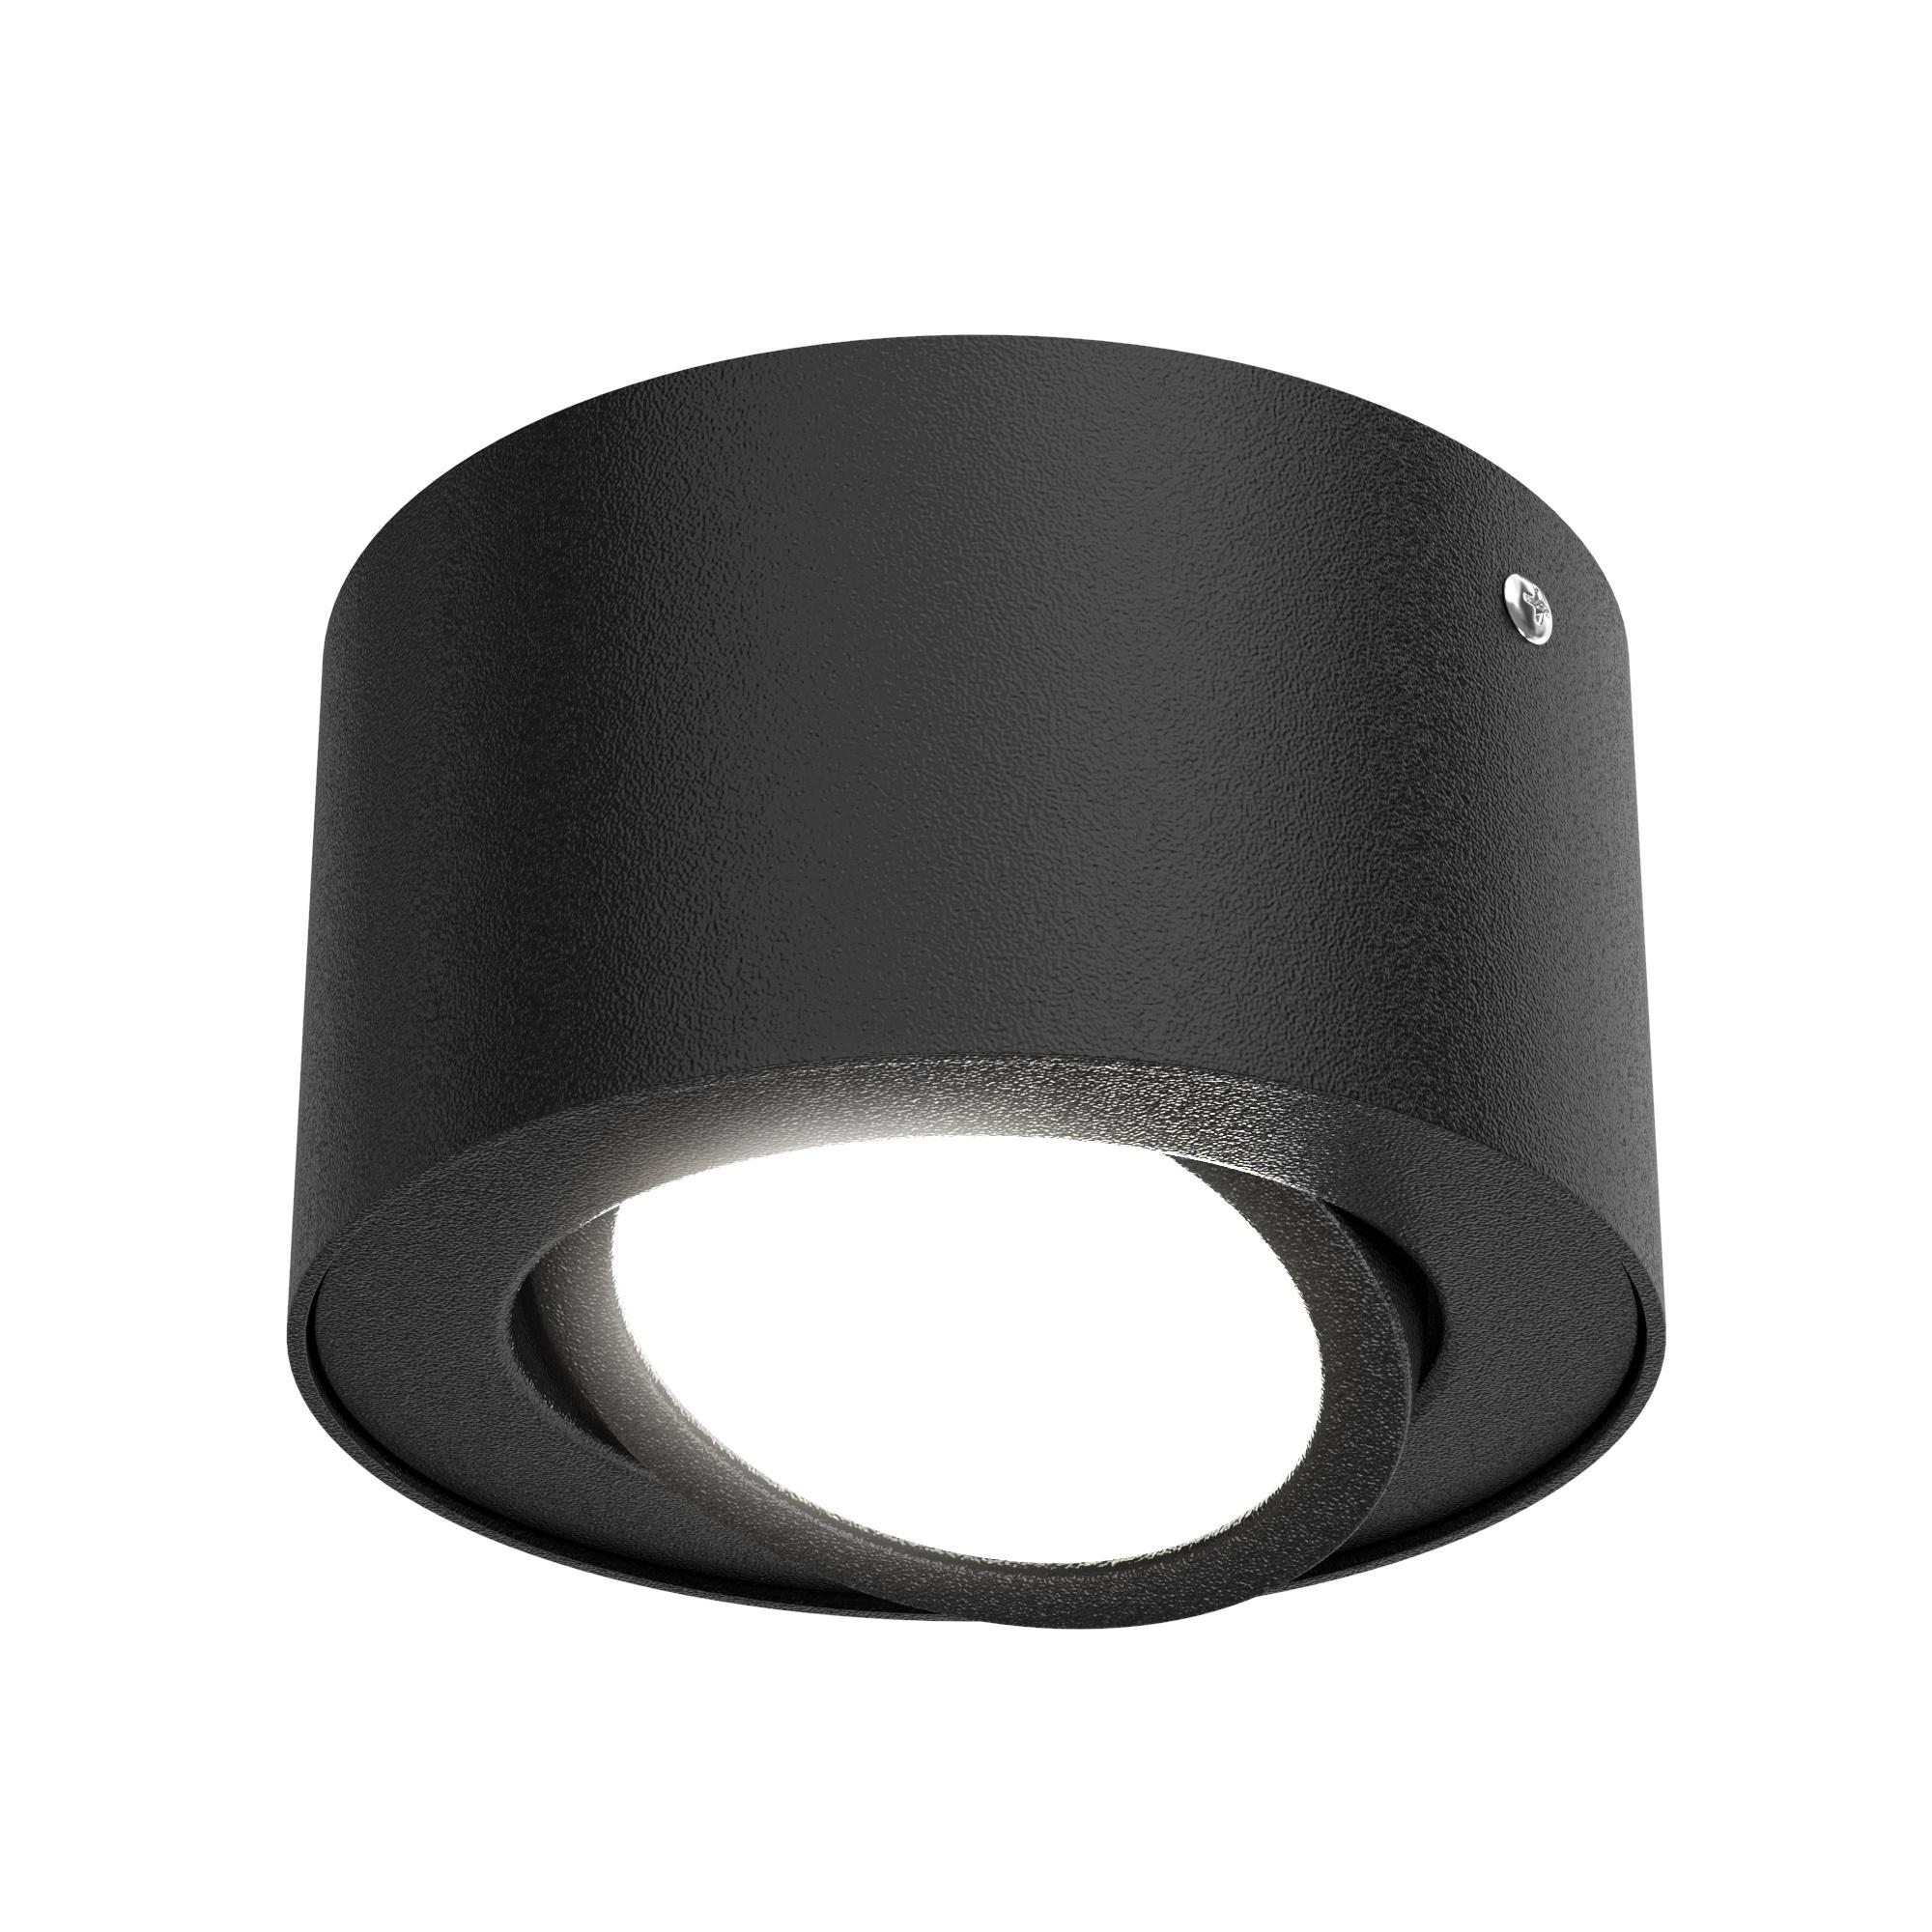 LED Aufbauleuchte, Ø 9 cm, 5 W, Schwarz